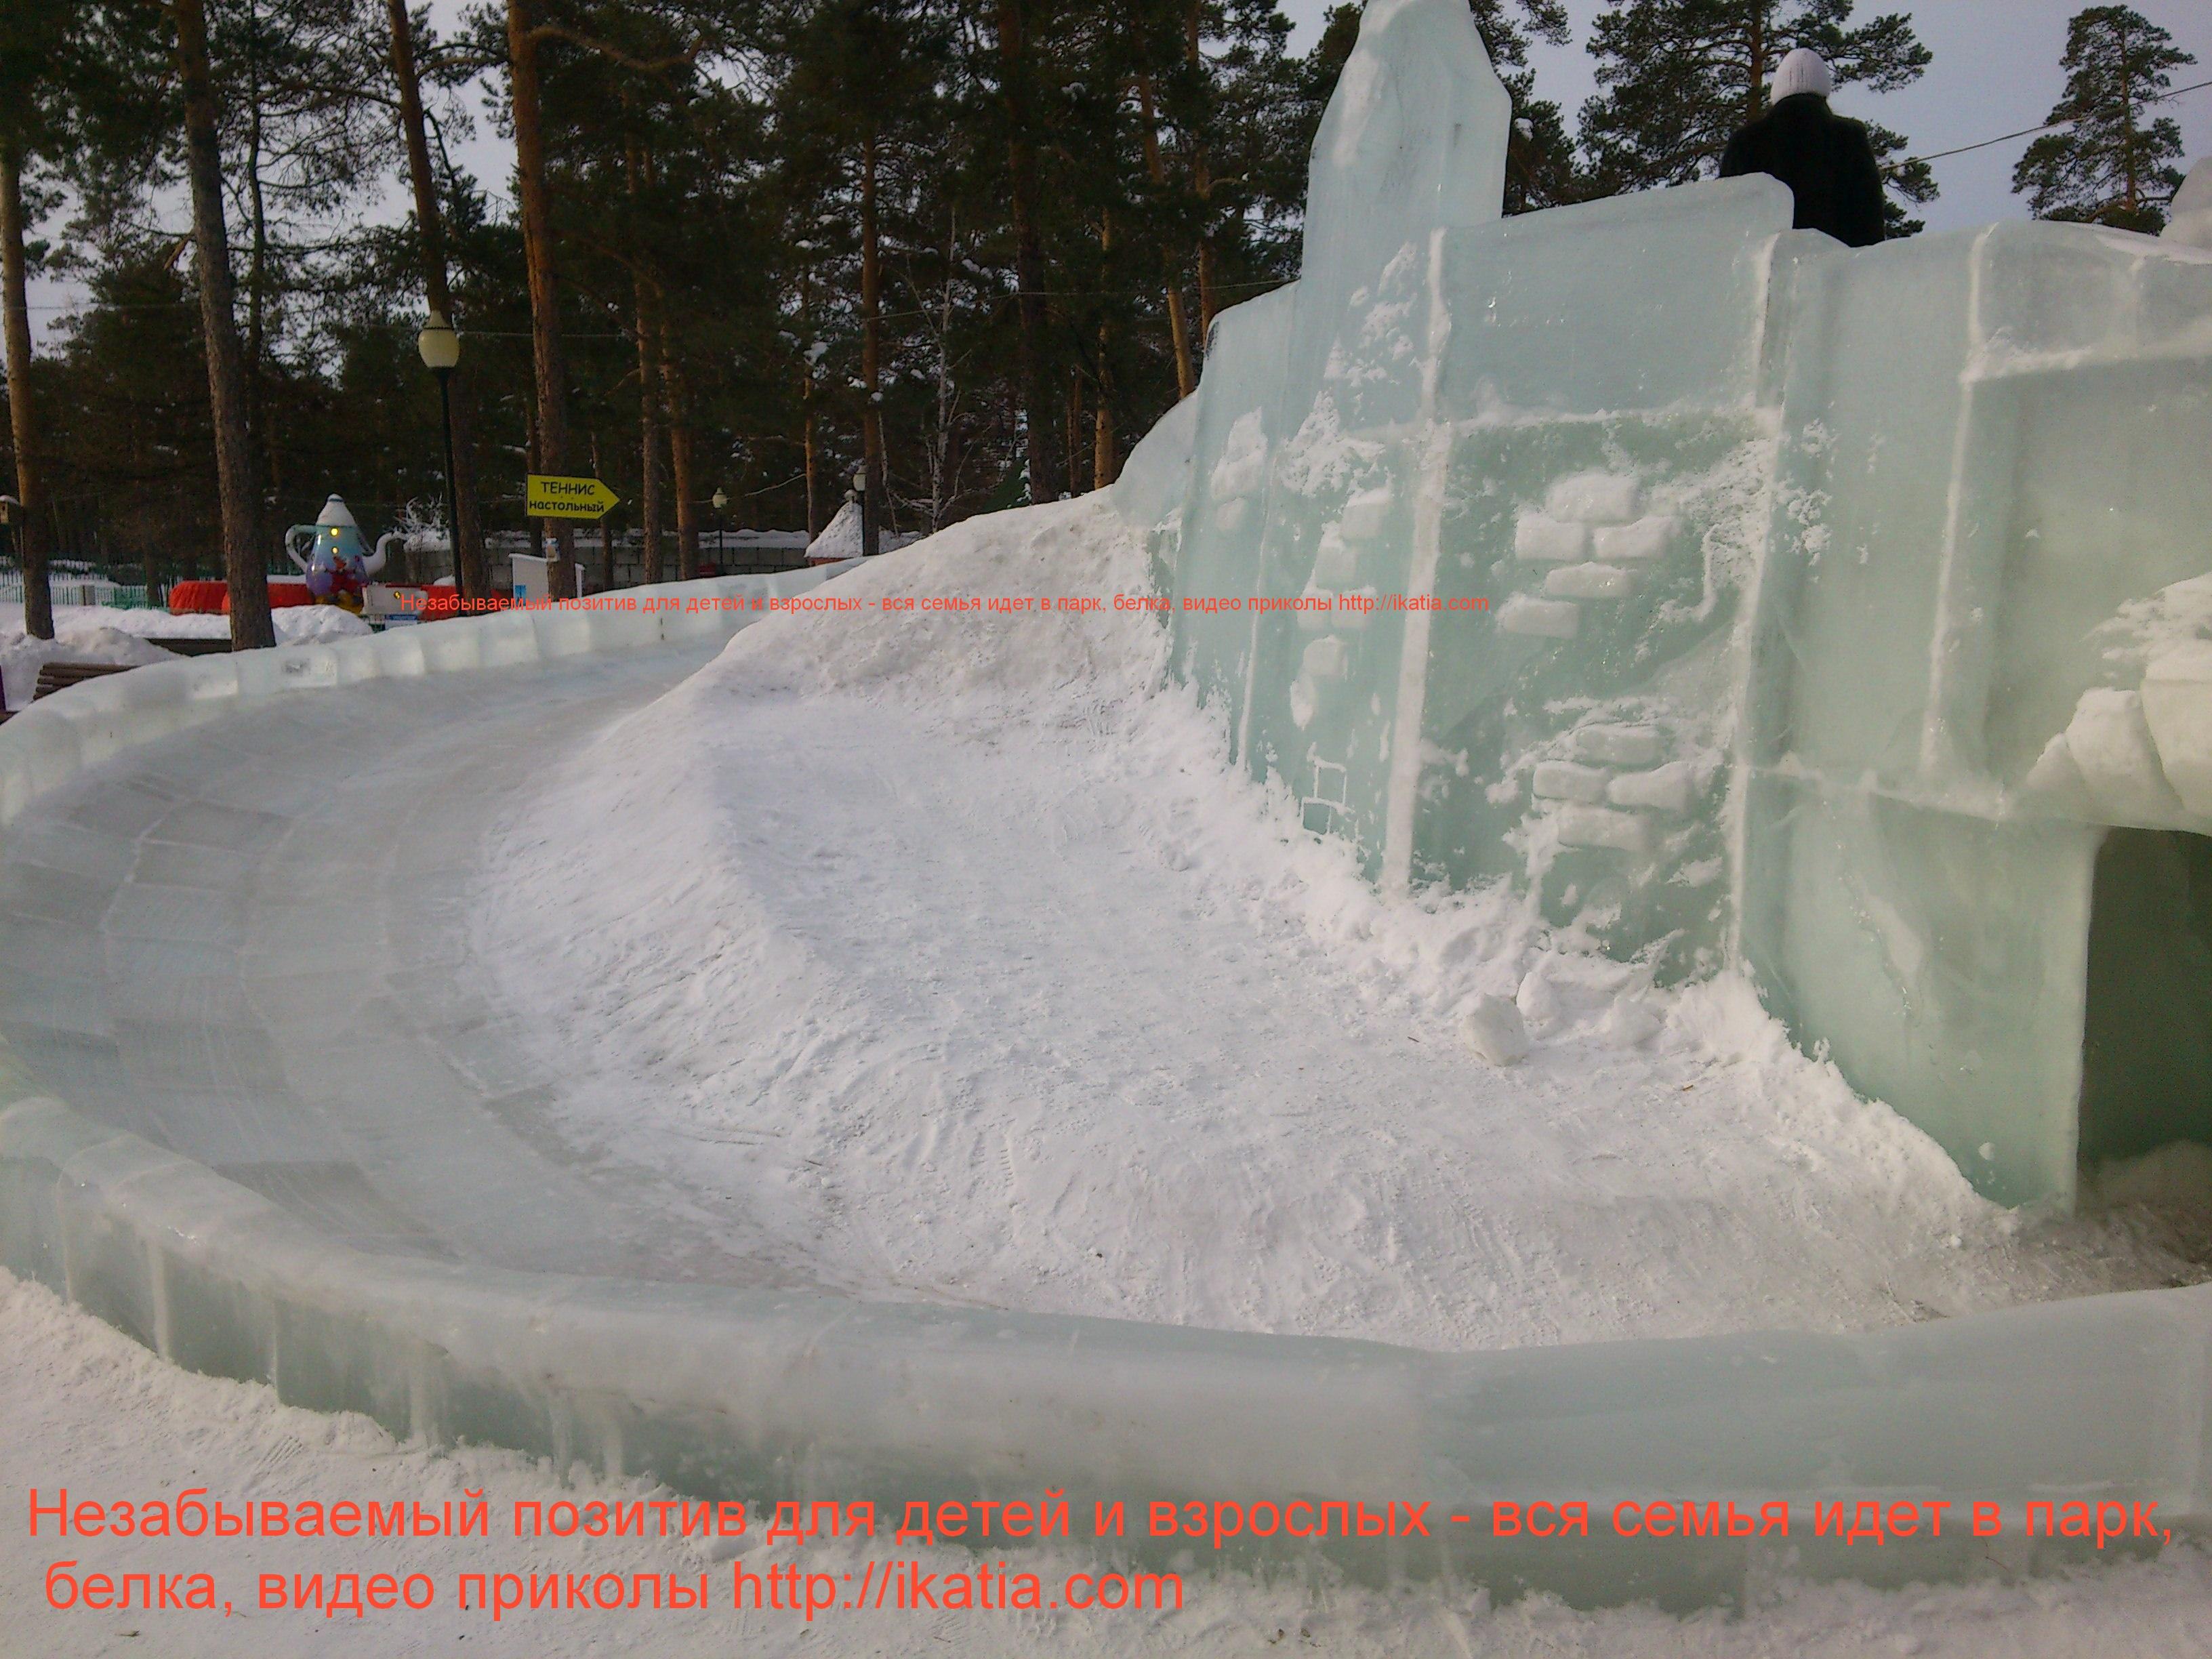 Ледяные горки своими руками 203